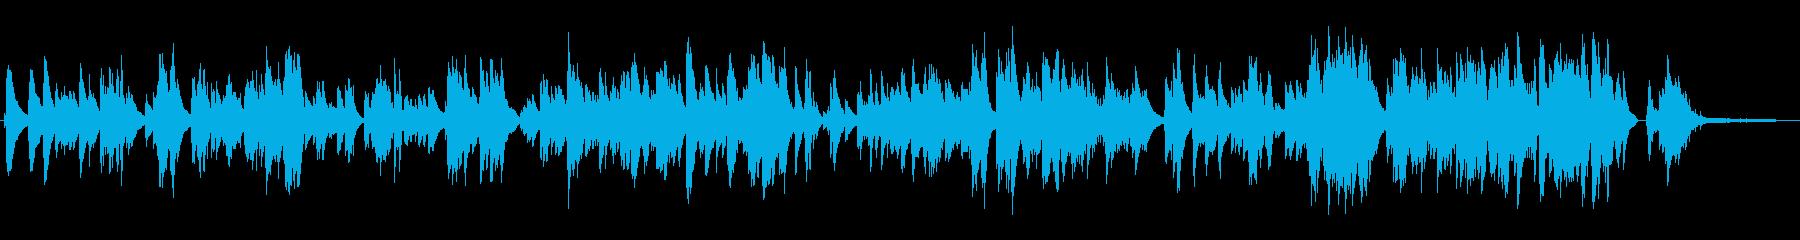 有名曲「煙が目にしみる」ジャズピアノソロの再生済みの波形